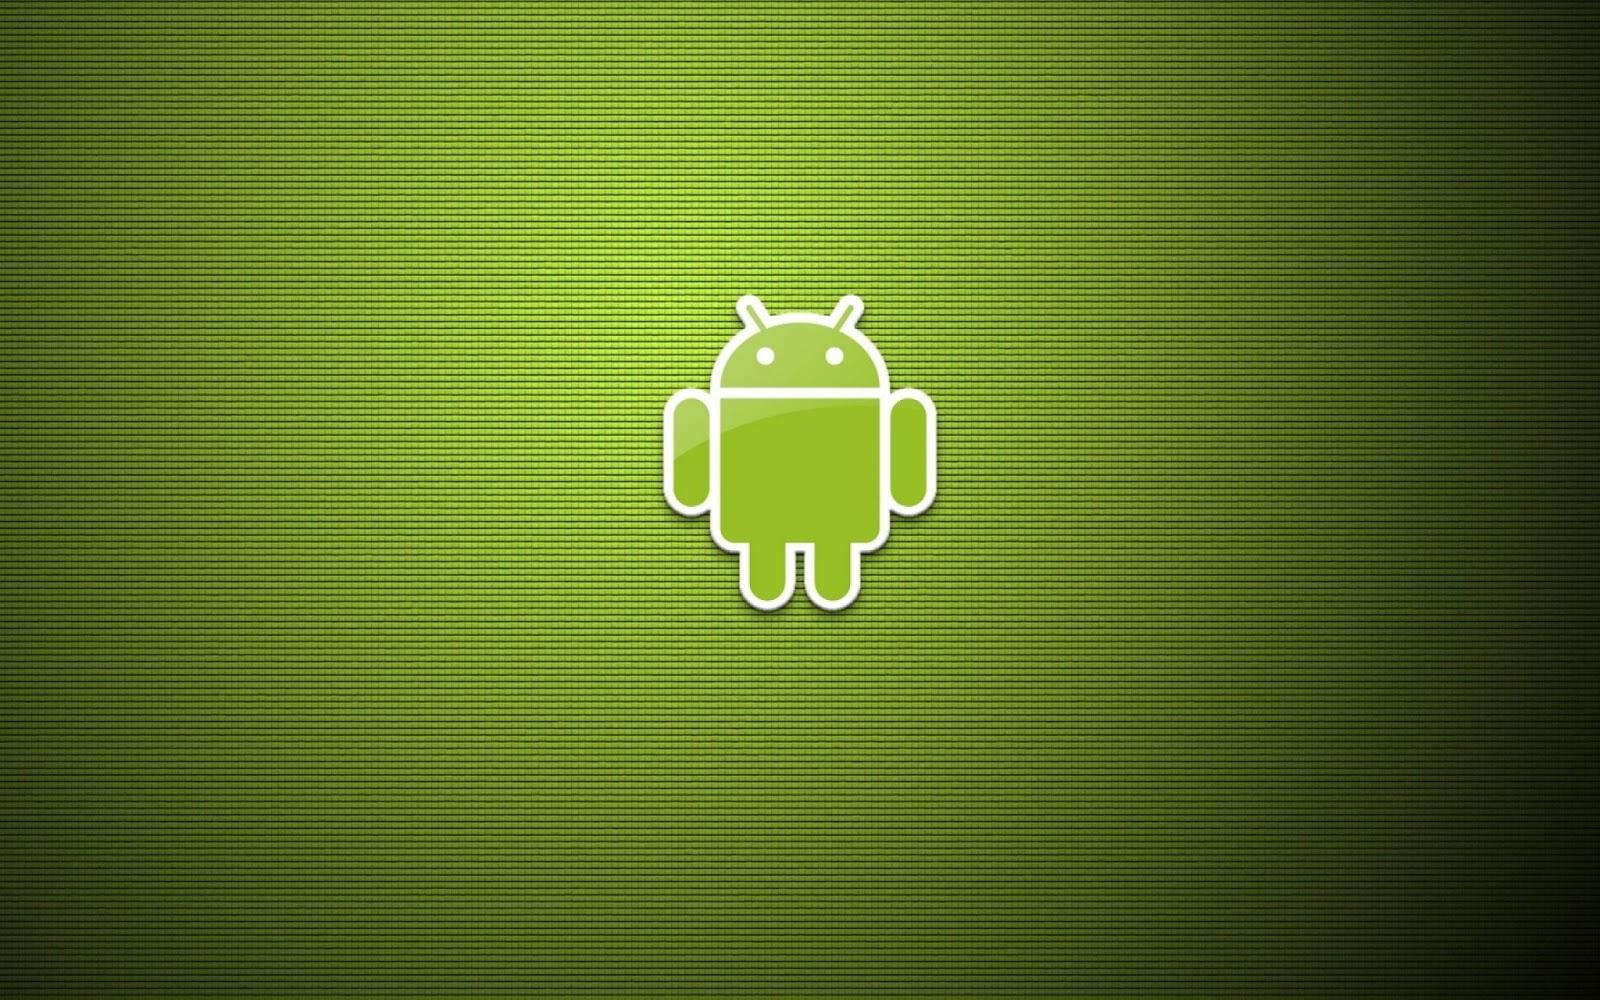 Темы Обои На Андроид